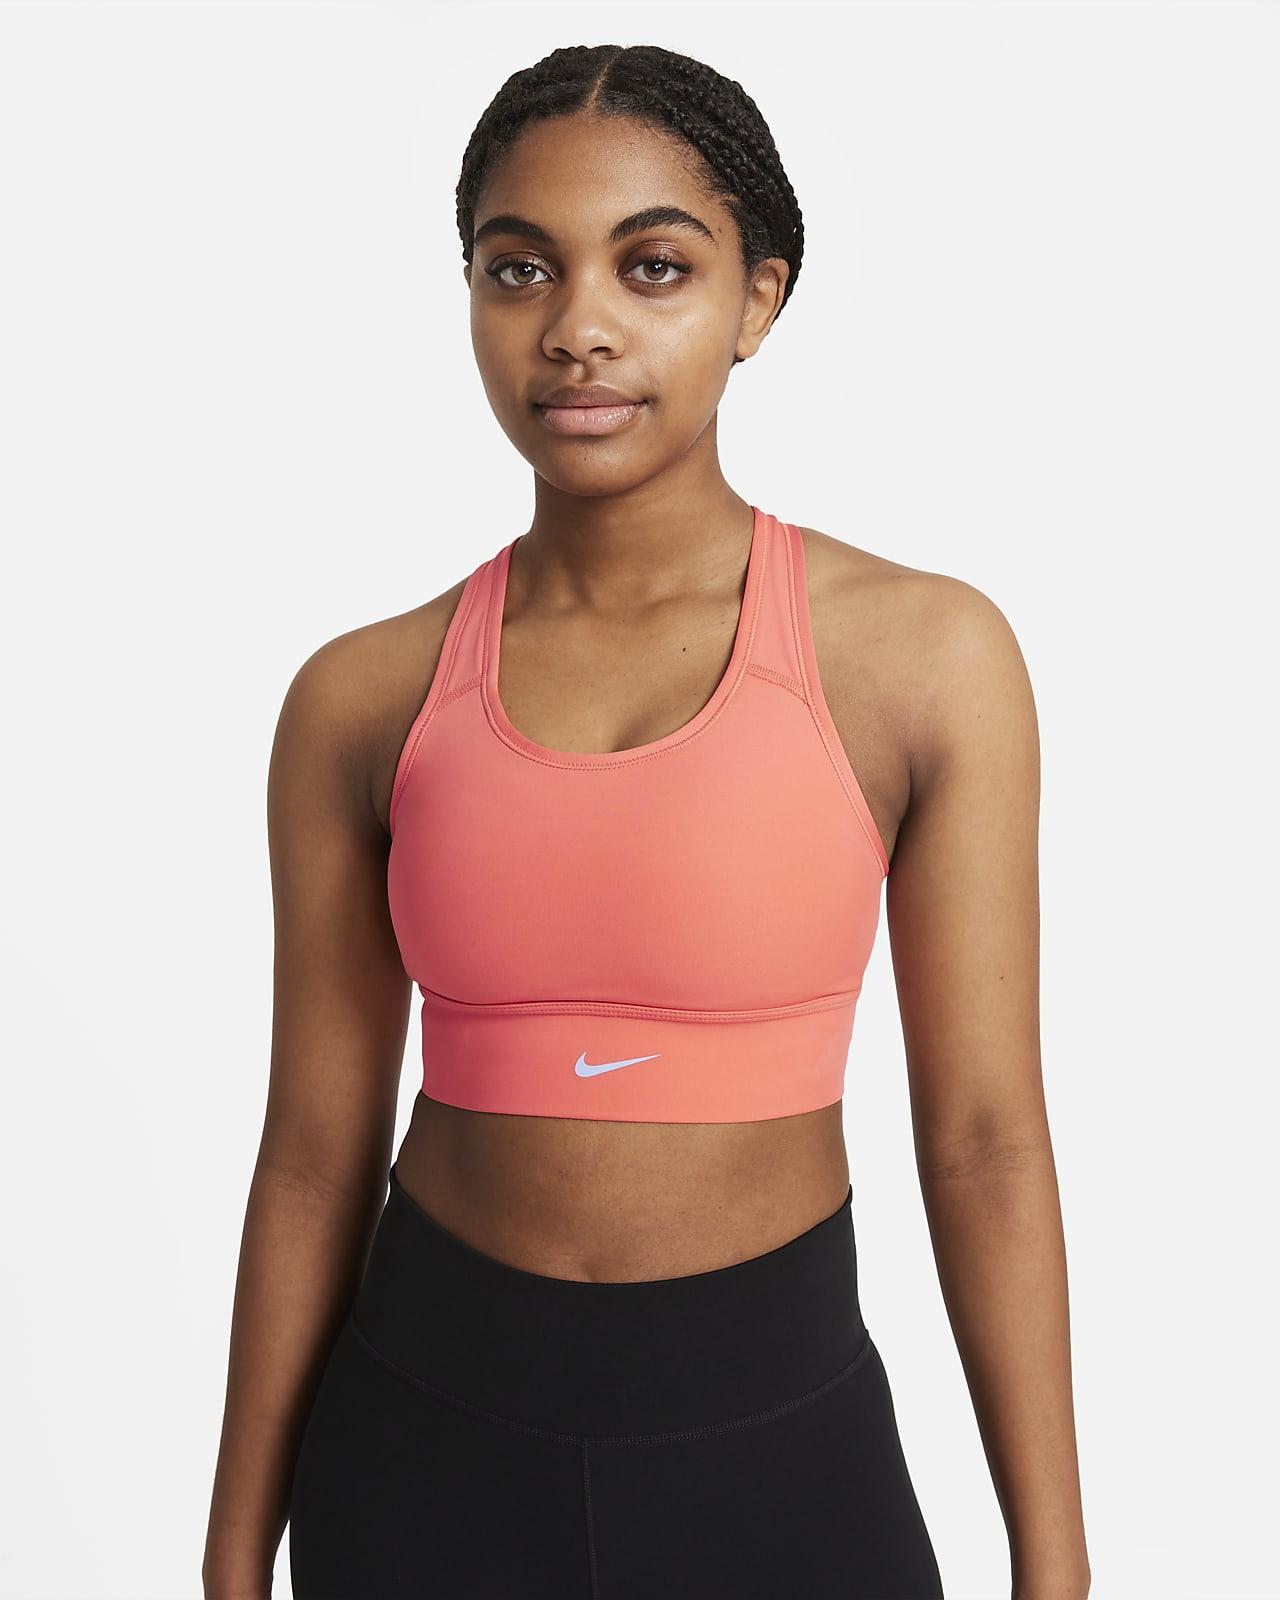 Prodloužená dámská sportovní podprsenka Nike Dri-FIT Swoosh se střední oporou ajednodílnou vycpávkou